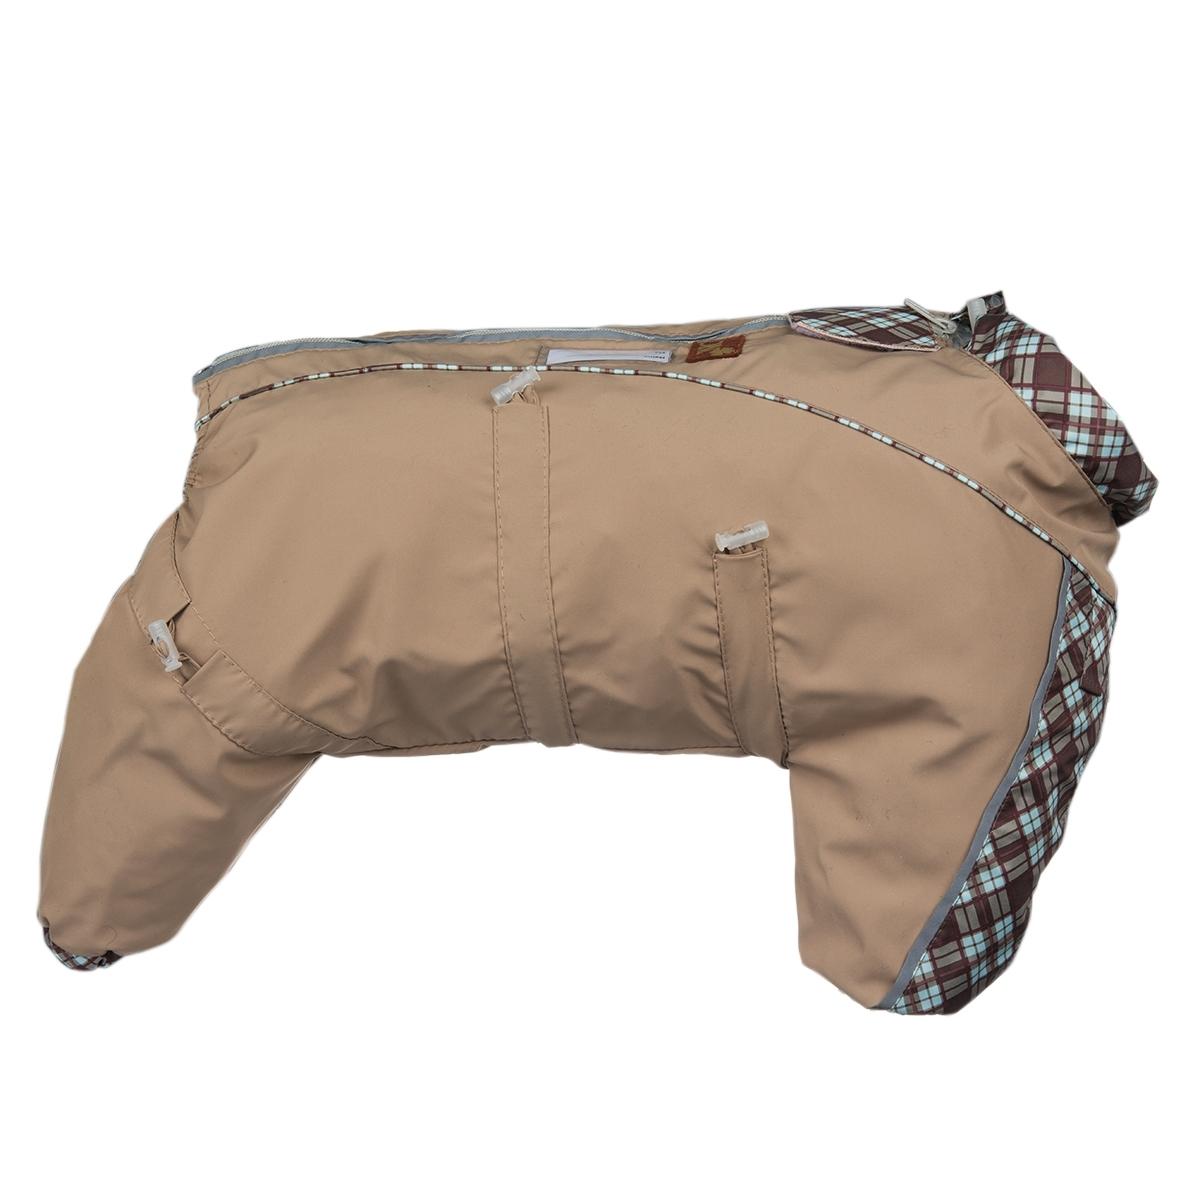 Комбинезон для собак Dogmoda Doggs, для девочки, цвет: бежевый. Размер SDM-140515_бежевыйКомбинезон для собак Dogmoda Doggs отлично подойдет для прогулок в прохладную погоду. Комбинезон изготовлен из полиэстера, защищающего от ветра и осадков, а на подкладке используется вискоза, которая обеспечивает отличный воздухообмен. Комбинезон застегивается на молнию и липучку, благодаря чему его легко надевать и снимать. Молния снабжена светоотражающими элементами. Низ рукавов и брючин оснащен внутренними резинками, которые мягко обхватывают лапки, не позволяя просачиваться холодному воздуху. На вороте, пояснице и лапках комбинезон затягивается на шнурок-кулиску с затяжкой. Благодаря такому комбинезону простуда не грозит вашему питомцу.Длина по спинке: 28 см.Объем груди: 65 см.Обхват шеи: 50 см.Одежда для собак: нужна ли она и как её выбрать. Статья OZON Гид